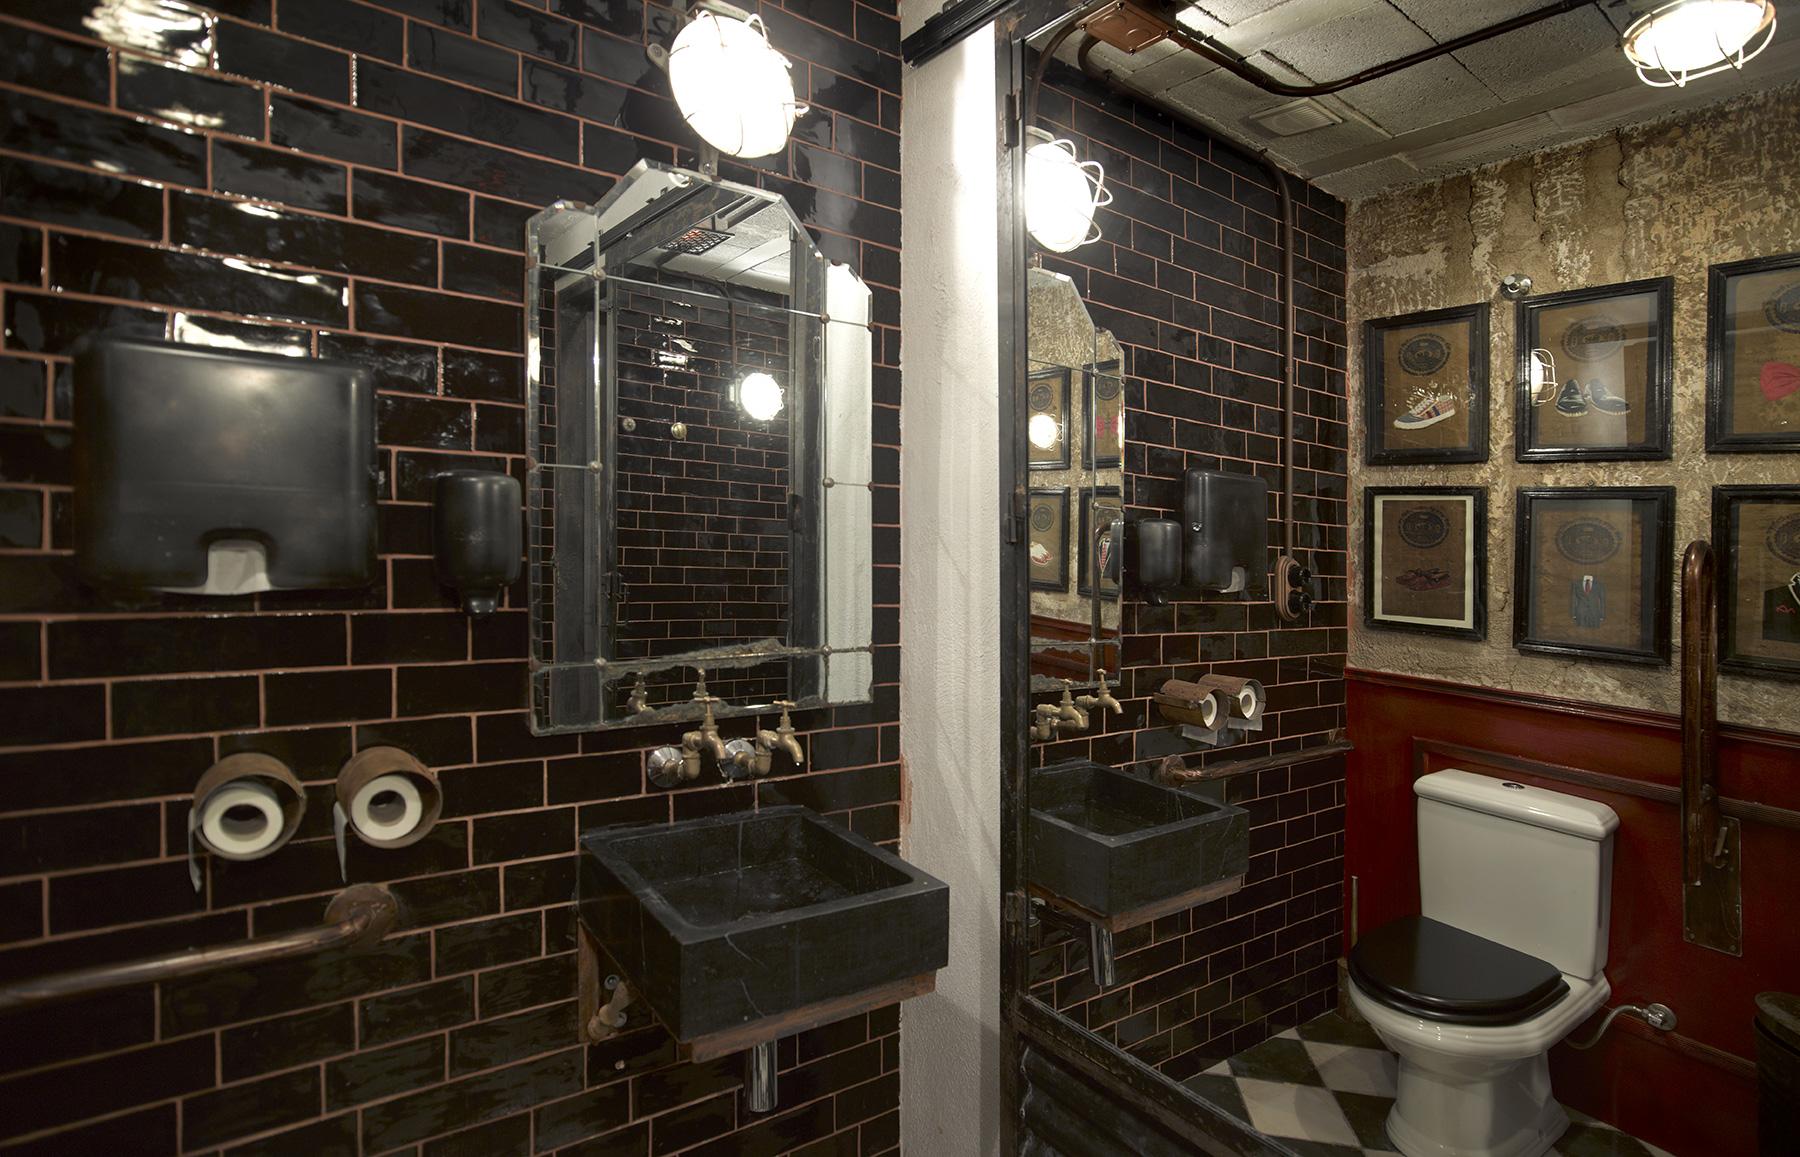 Imágenes de la decoración en el baño de caballleros.